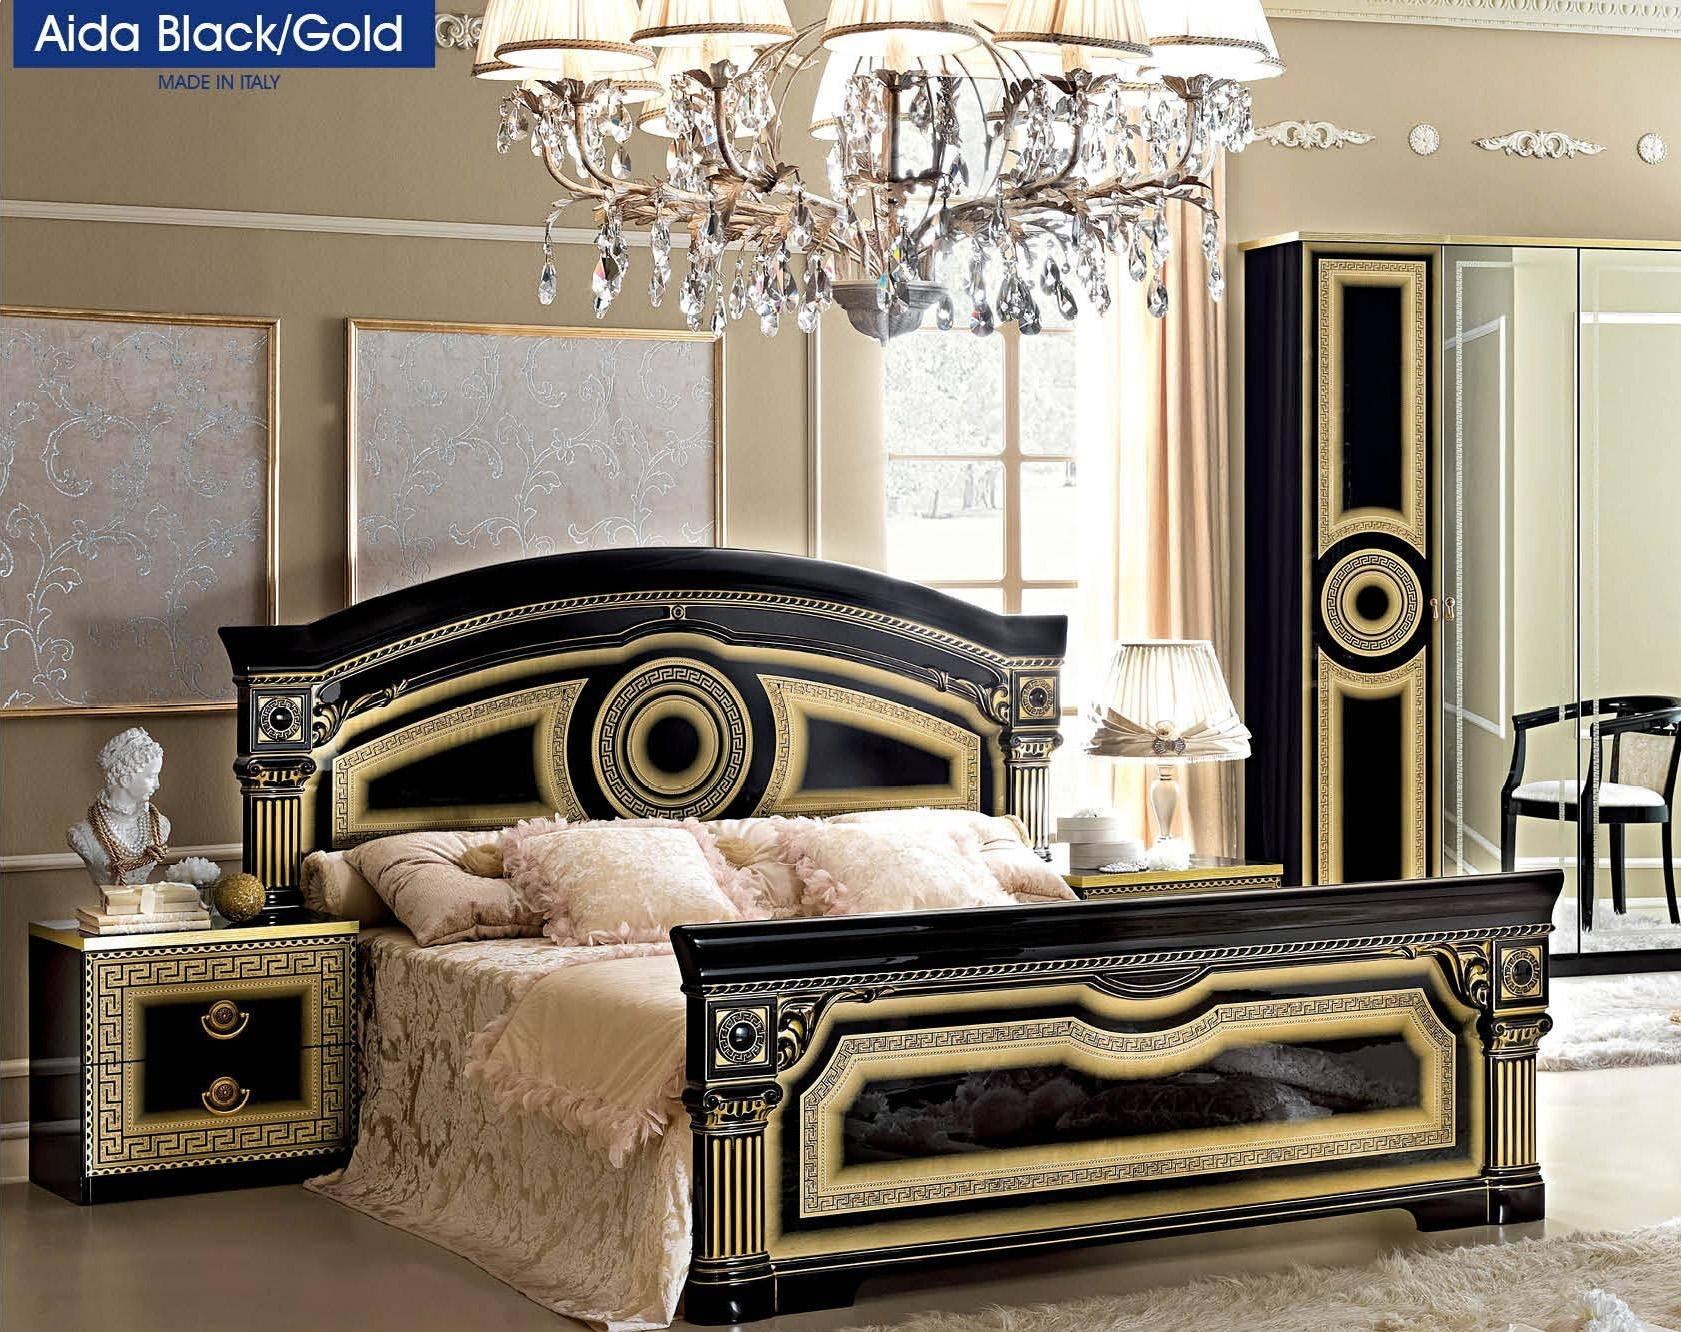 Buy Esf Aida Queen Platform Bedroom Set 2 Pcs In Black Gold Wood Online